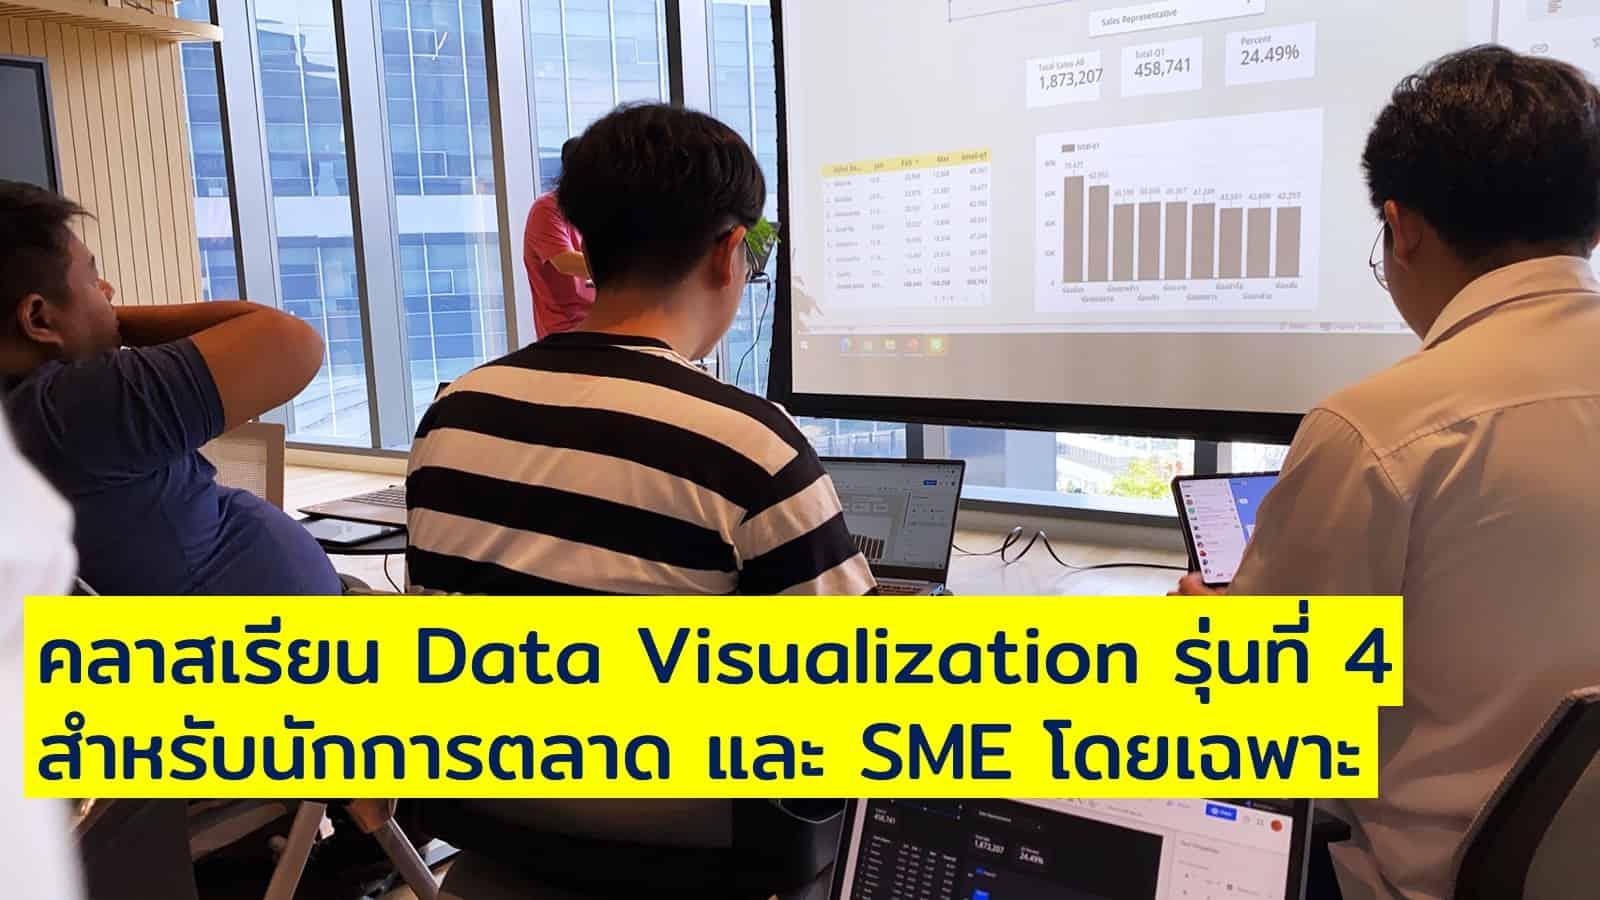 คอร์สเรียน Data Visualization for SME เน้น Workshop 1 วันเต็ม